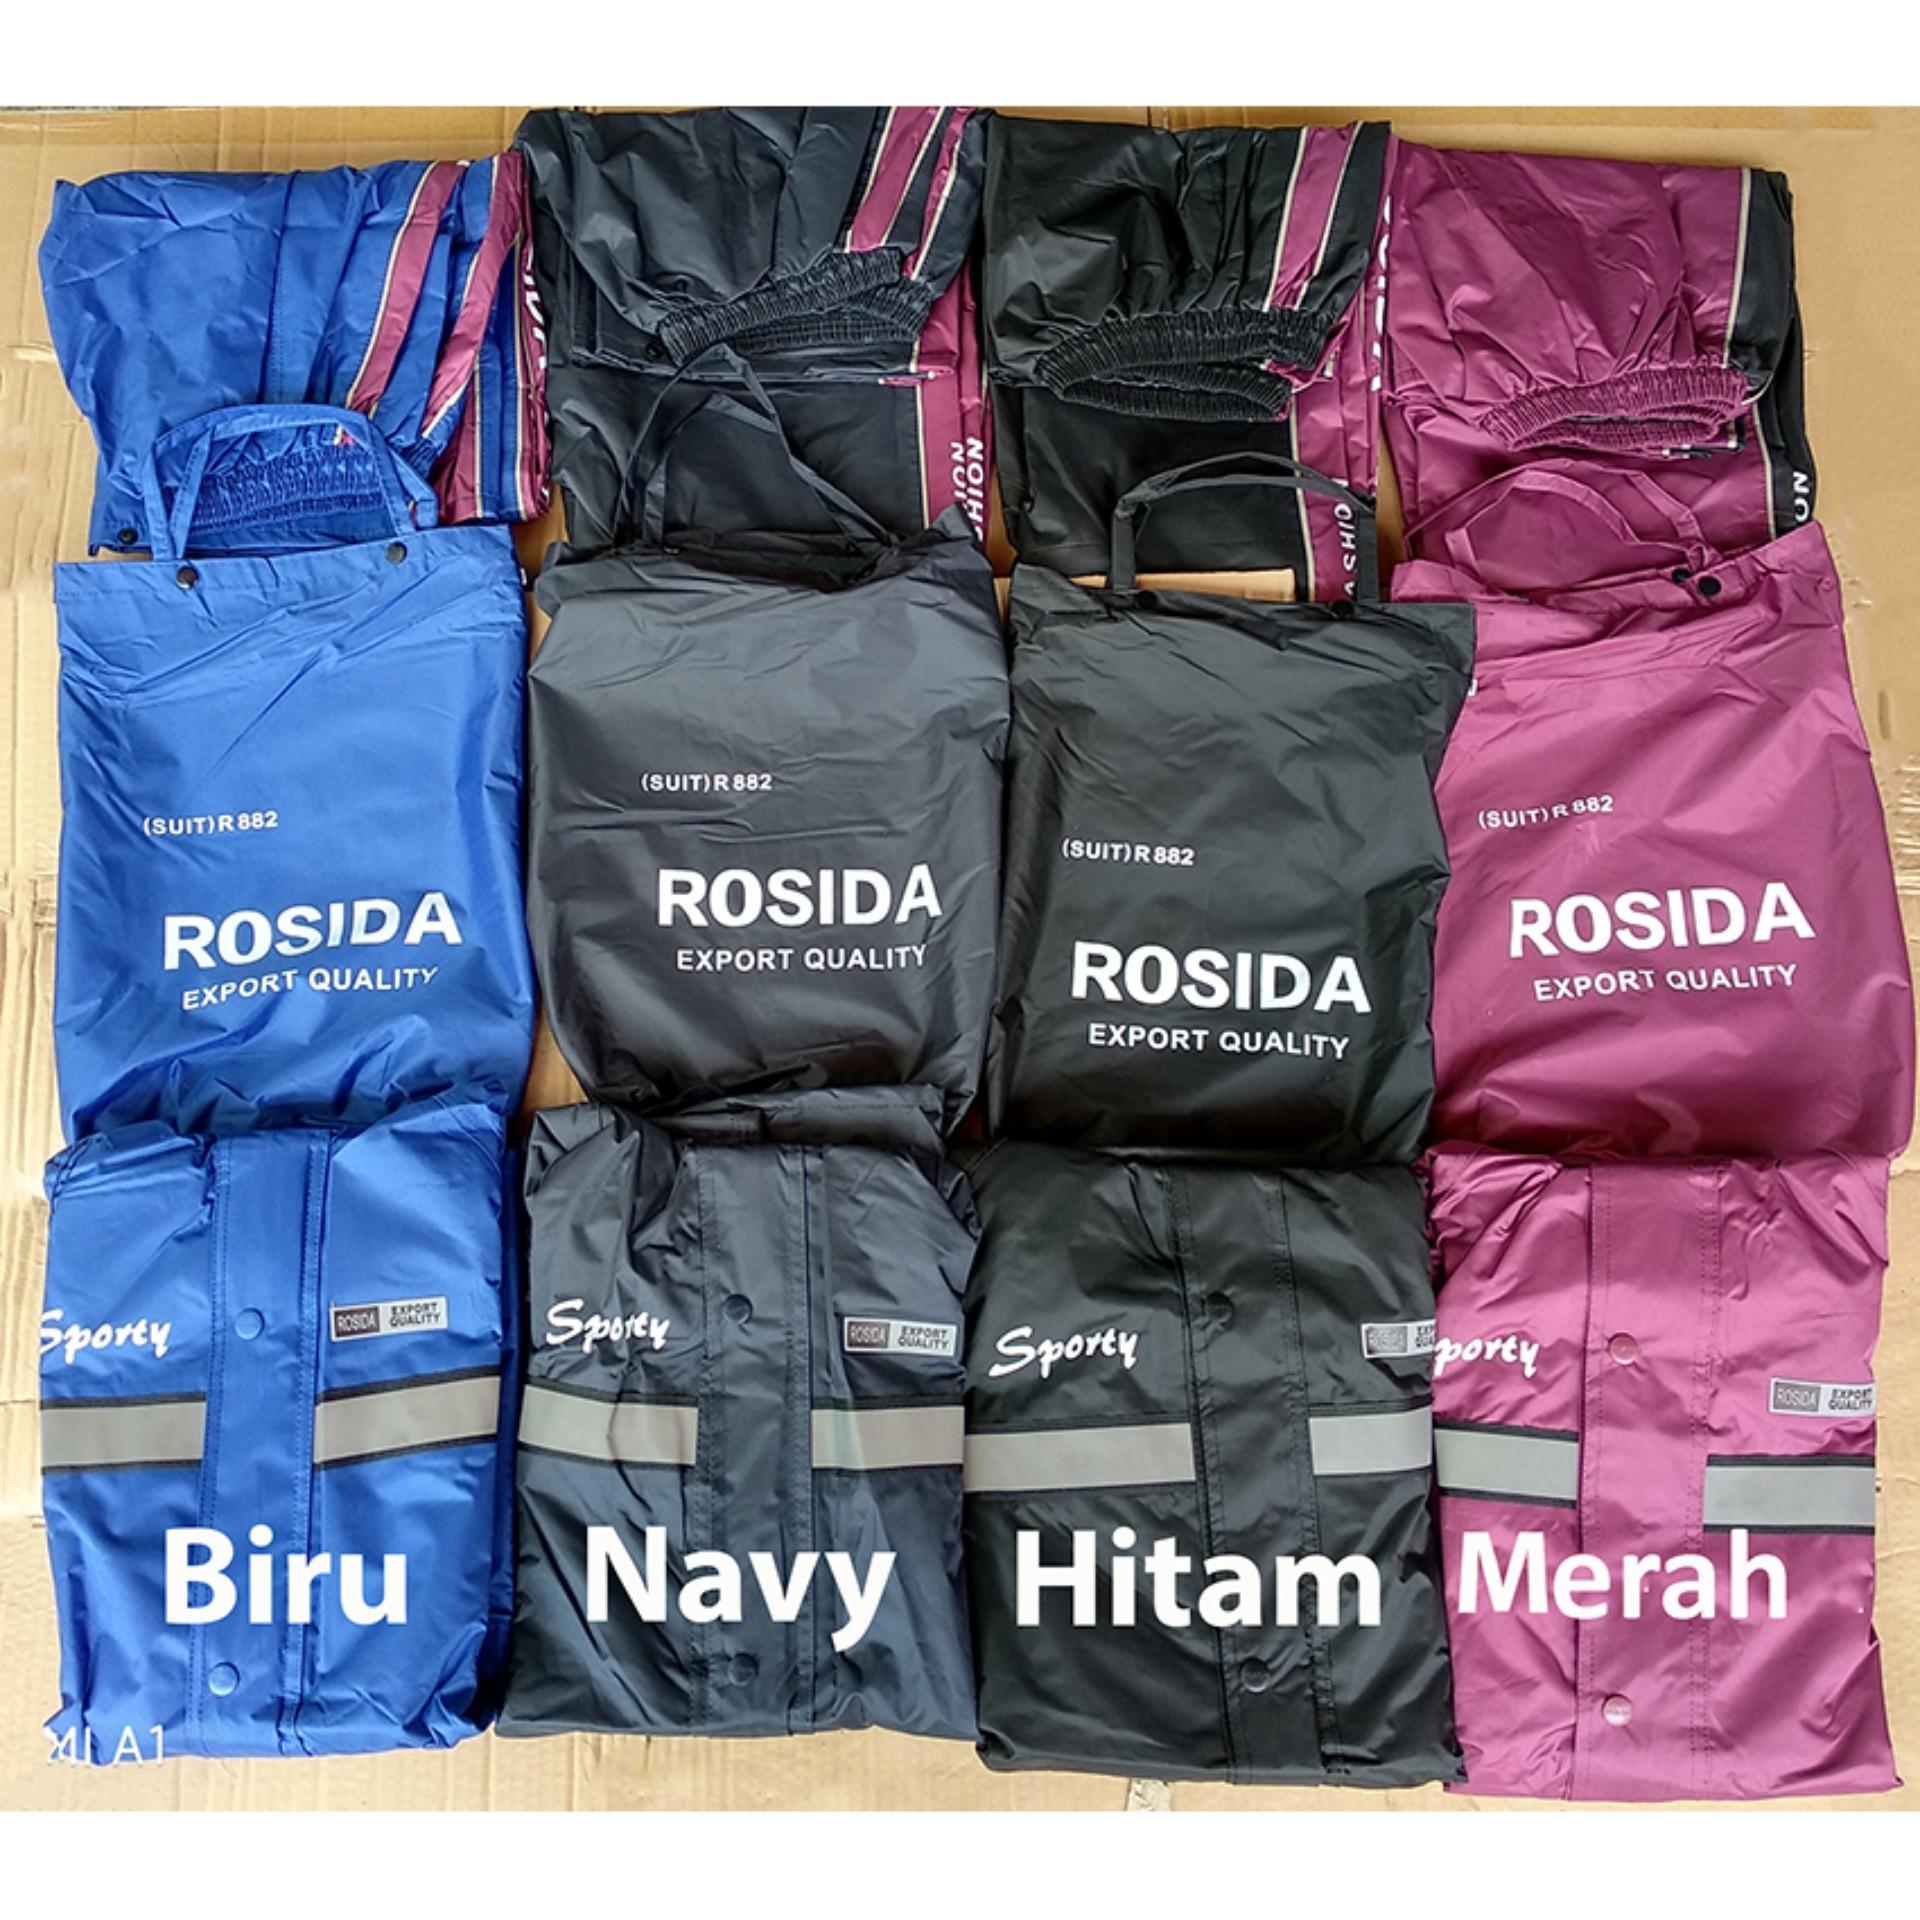 Harga Rosida Jas Hujan Stelan Jaket Celana 2 Lapis Desain Sporty Tipe R882 Suit Rosida Baru